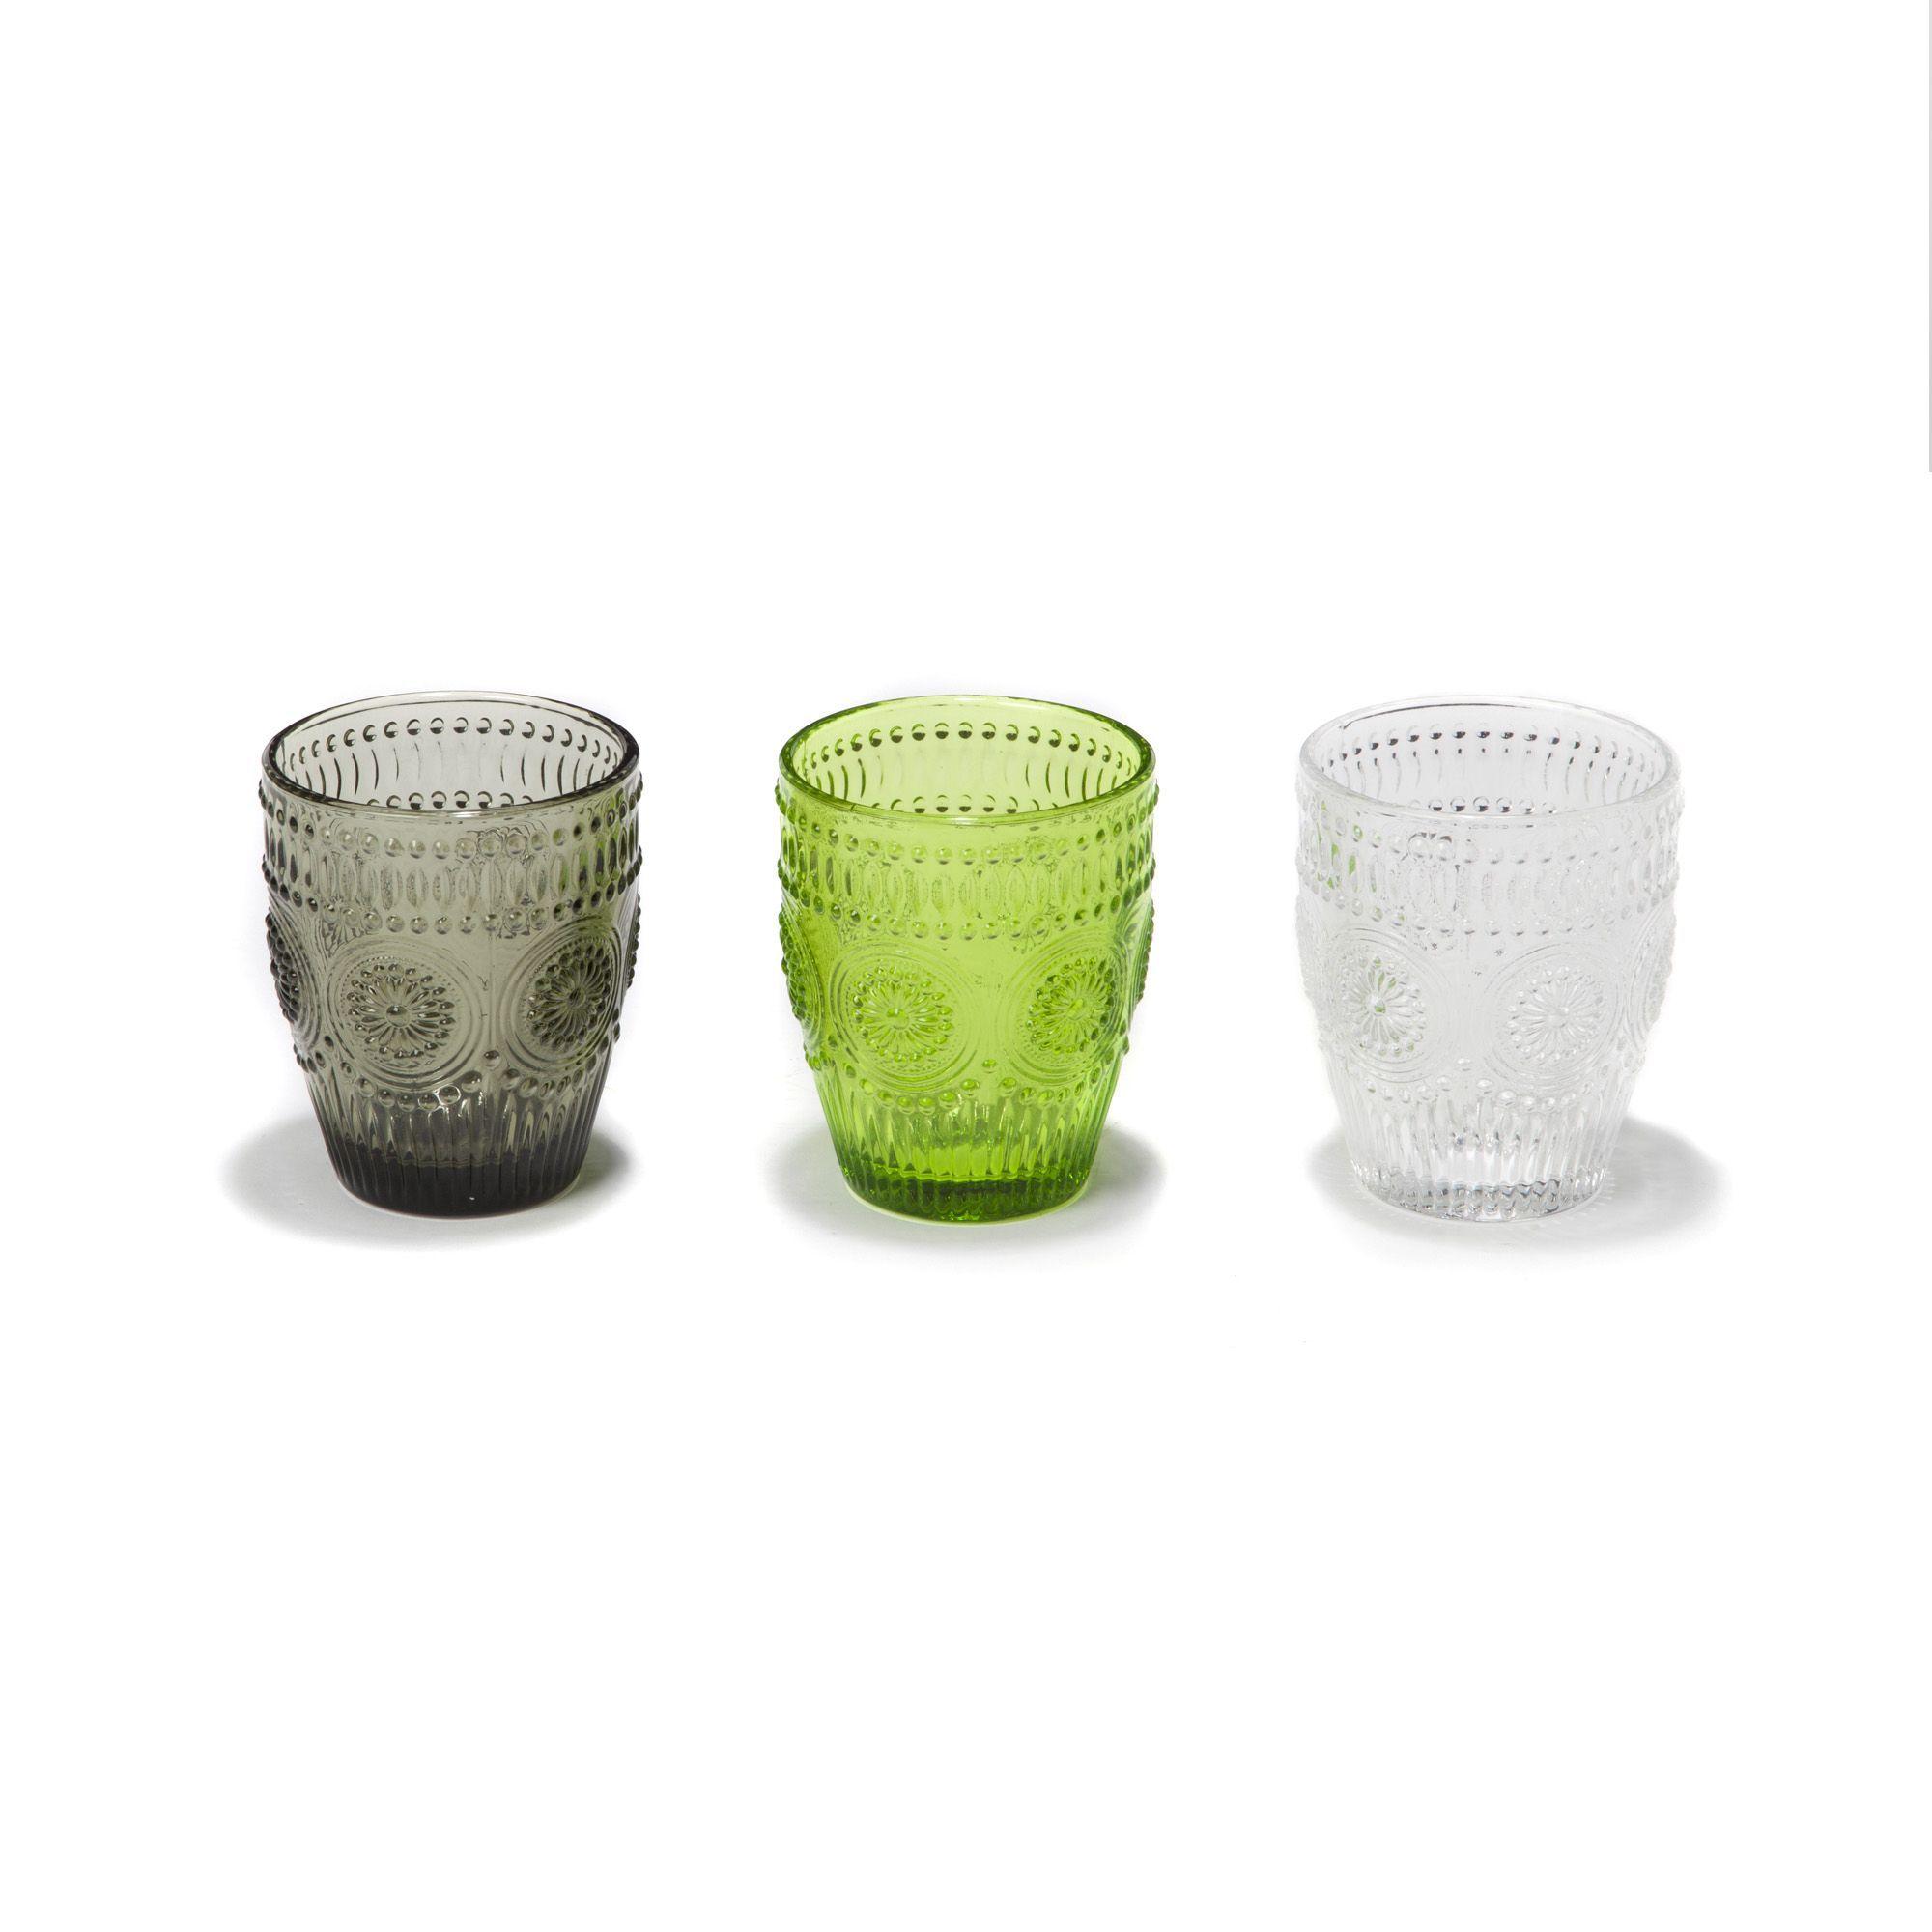 Gobelet à eau vert Vert - Mathilde - Les verres - Verres et carafes - Arts de la table - Décoration d'intérieur - Alinéa